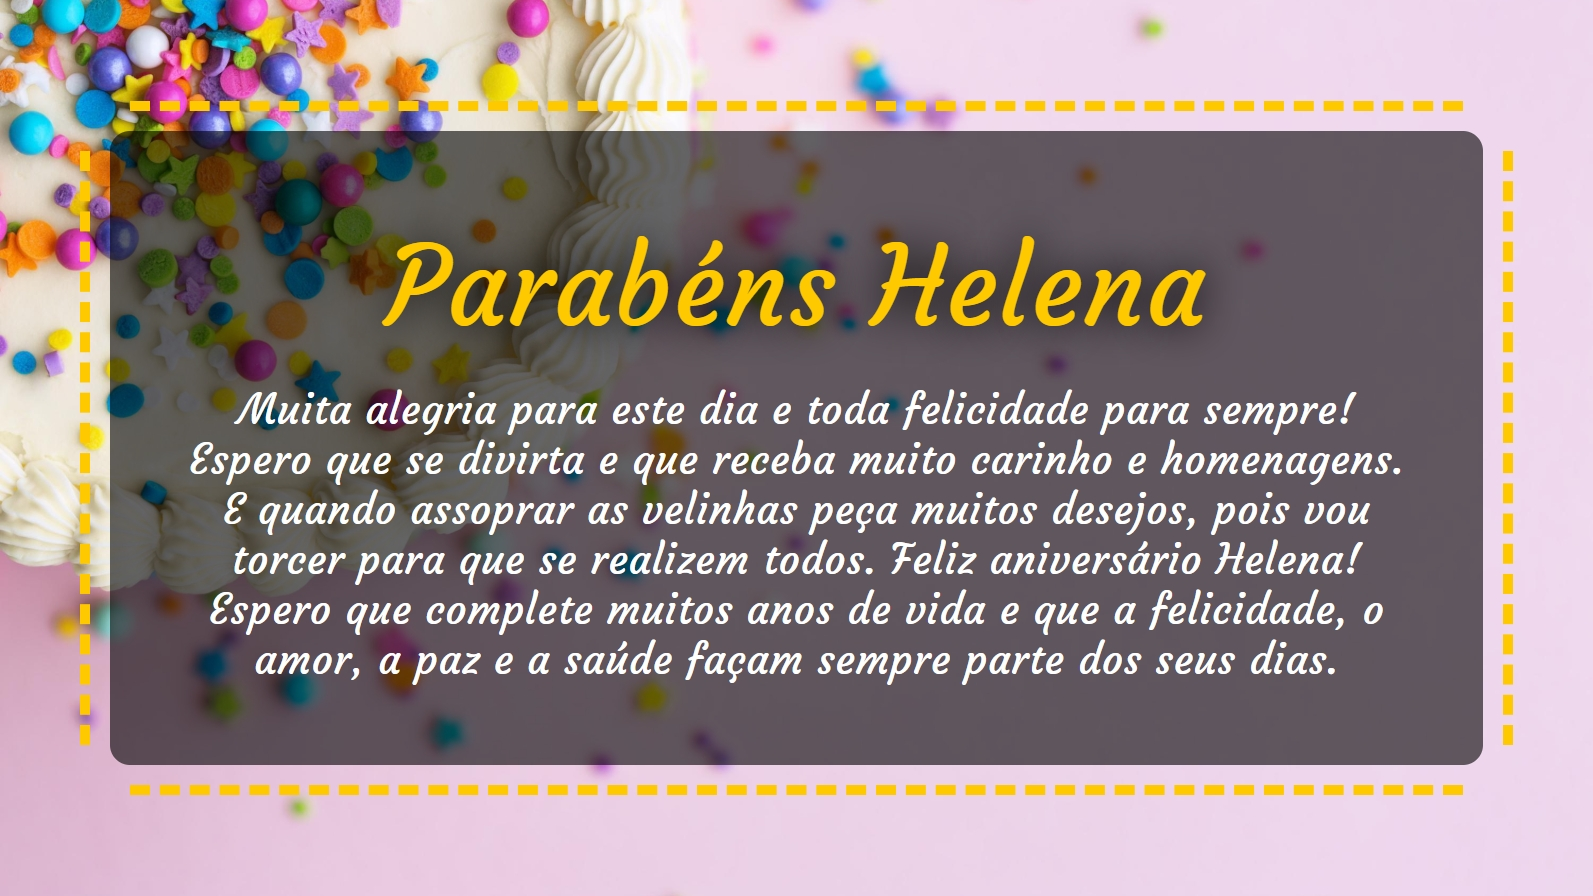 Parabéns para Helena, muita alegria para este dia e toda felicidade para sempre! Espero que se divirta e que receba muito carinho e homenagens. E quando assoprar as velinhas peça muitos desejos, pois vou torcer para que se realizem todos. Feliz aniversário Helena! Espero que complete muitos anos de vida e que a felicidade, o amor, a paz e a saúde façam sempre parte dos seus dias.